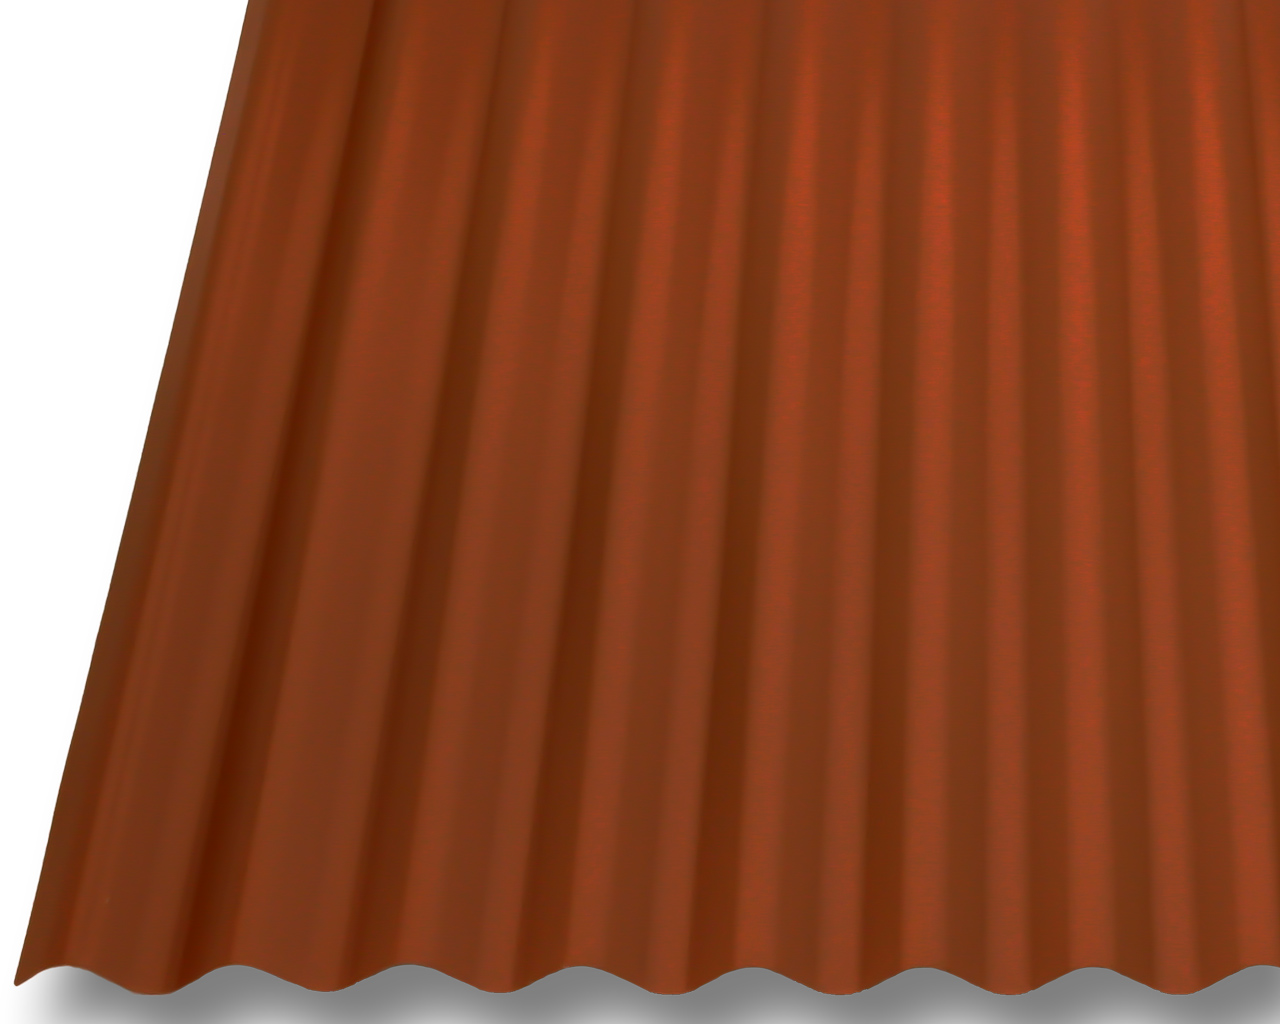 wellblech wellplatten dachplatten stahl 0 63mm dach 25 m kupferraun antitropf ebay. Black Bedroom Furniture Sets. Home Design Ideas